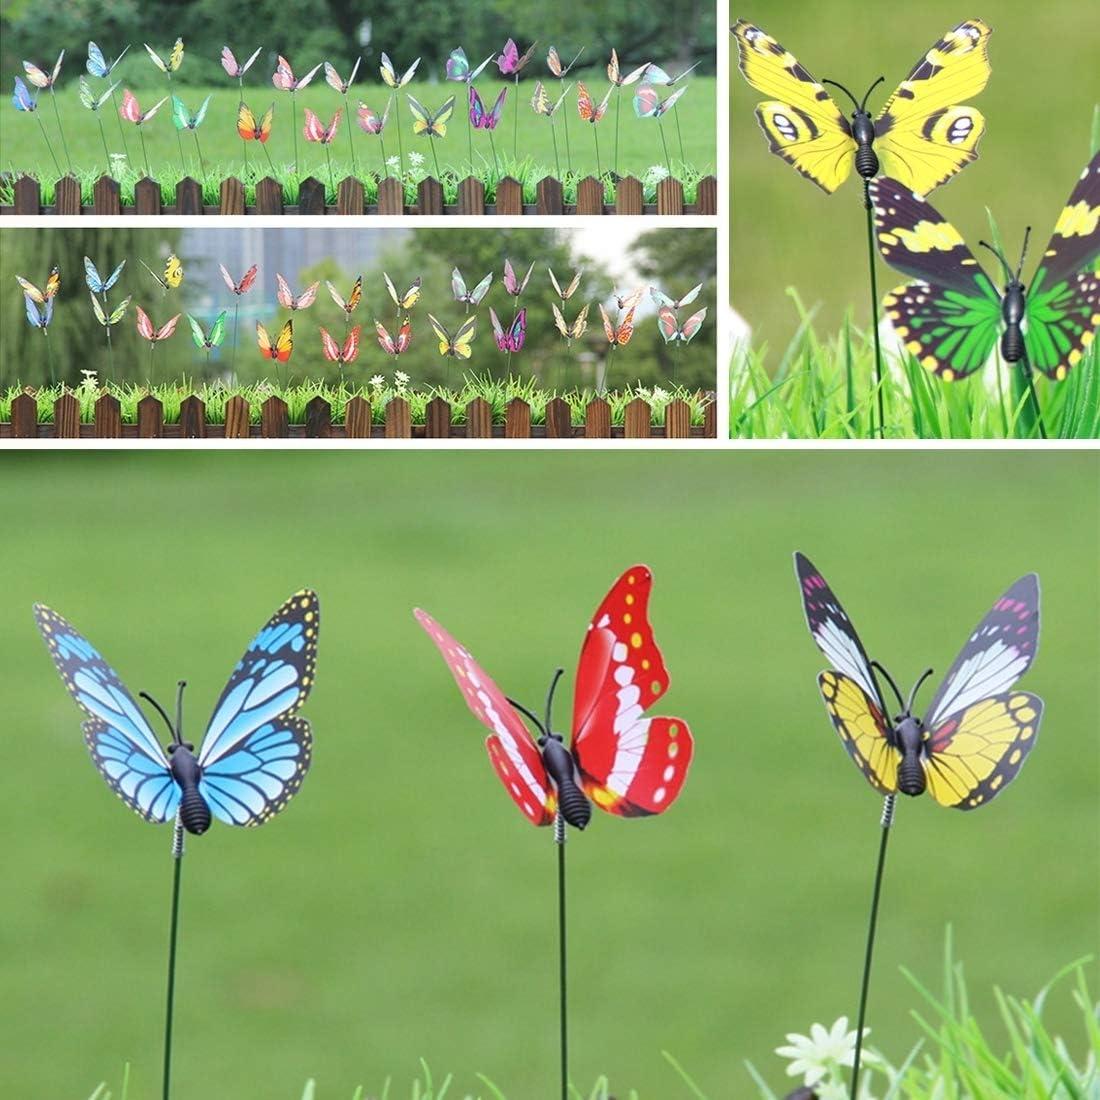 Herramientas de jardinería 50PCS Mariposas de colores Adorno de jardín Maceta Planta Decoración Mariposa Paleta Jardín Decoración Simulación Mariposa Entrega de color al azar: Amazon.es: Jardín